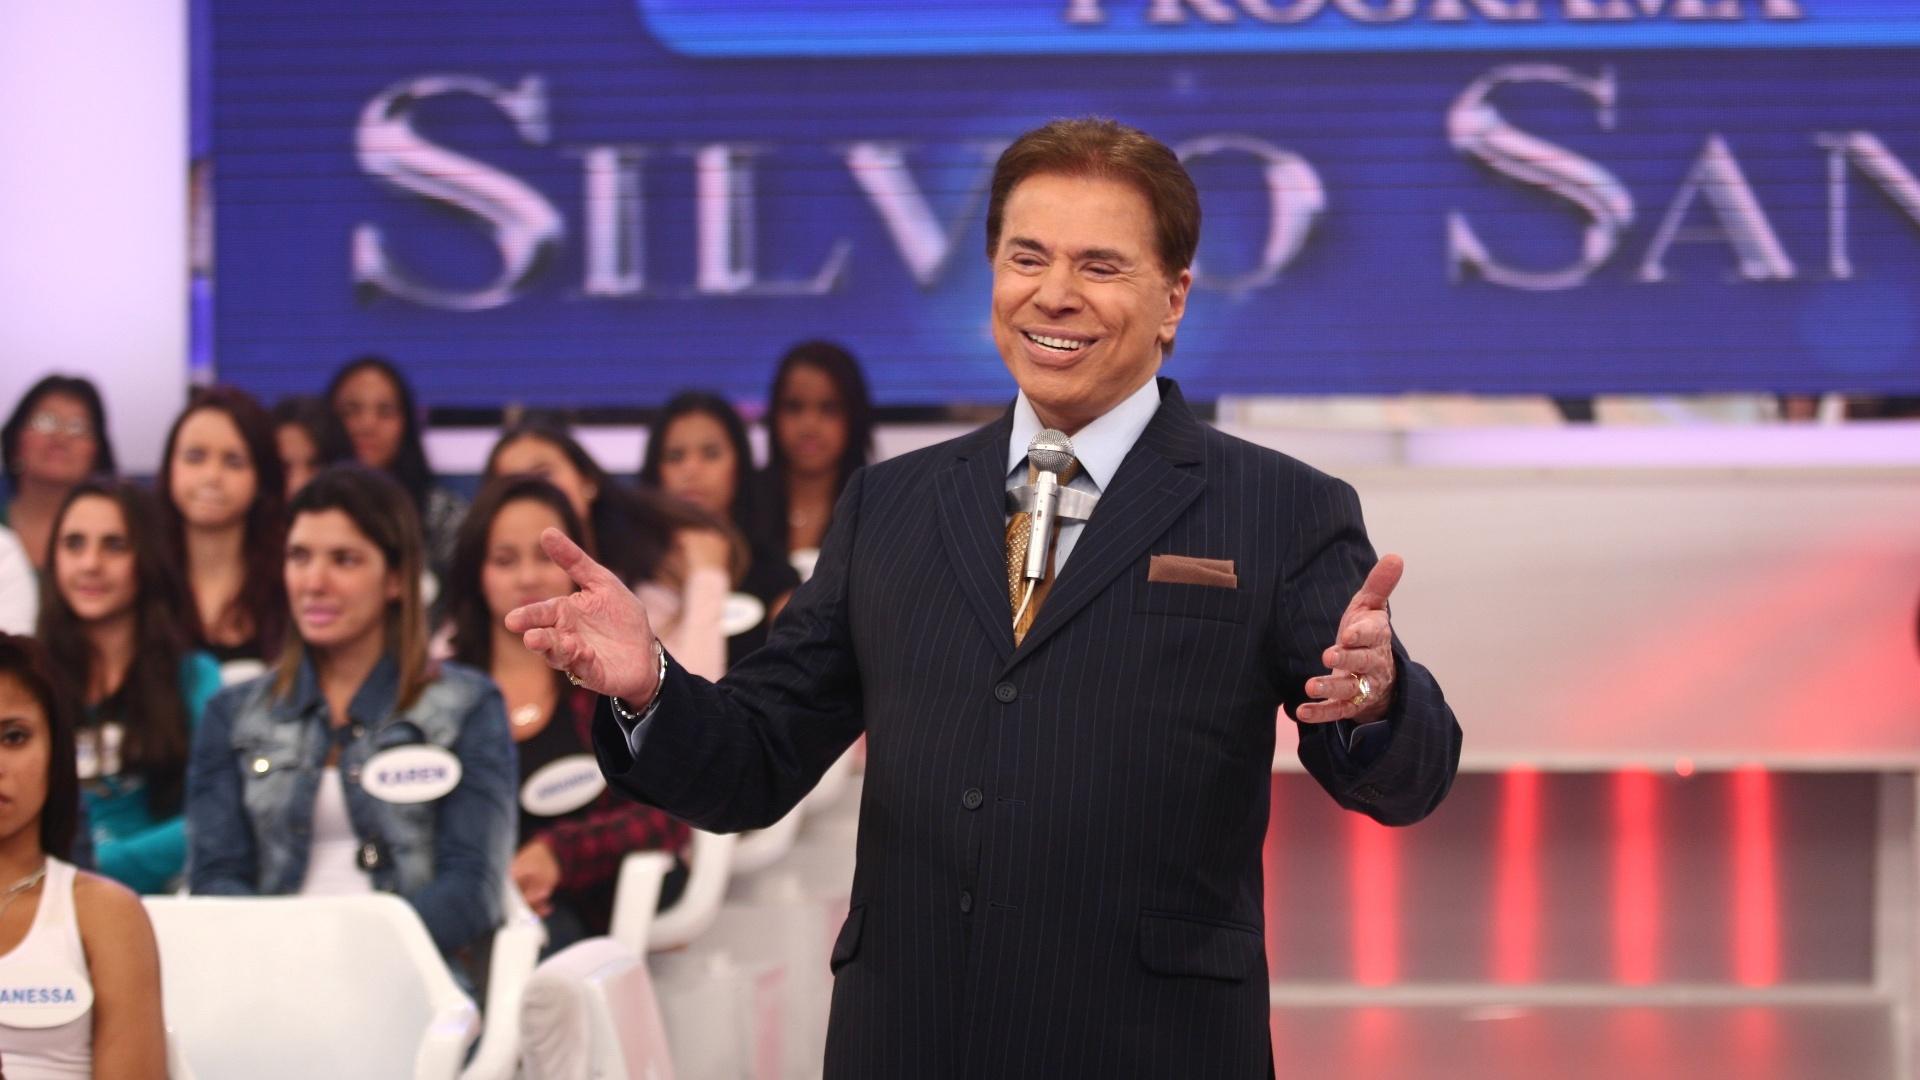 Vídeo: Silvio invade festa do SBT e informa demissão de mais de 100